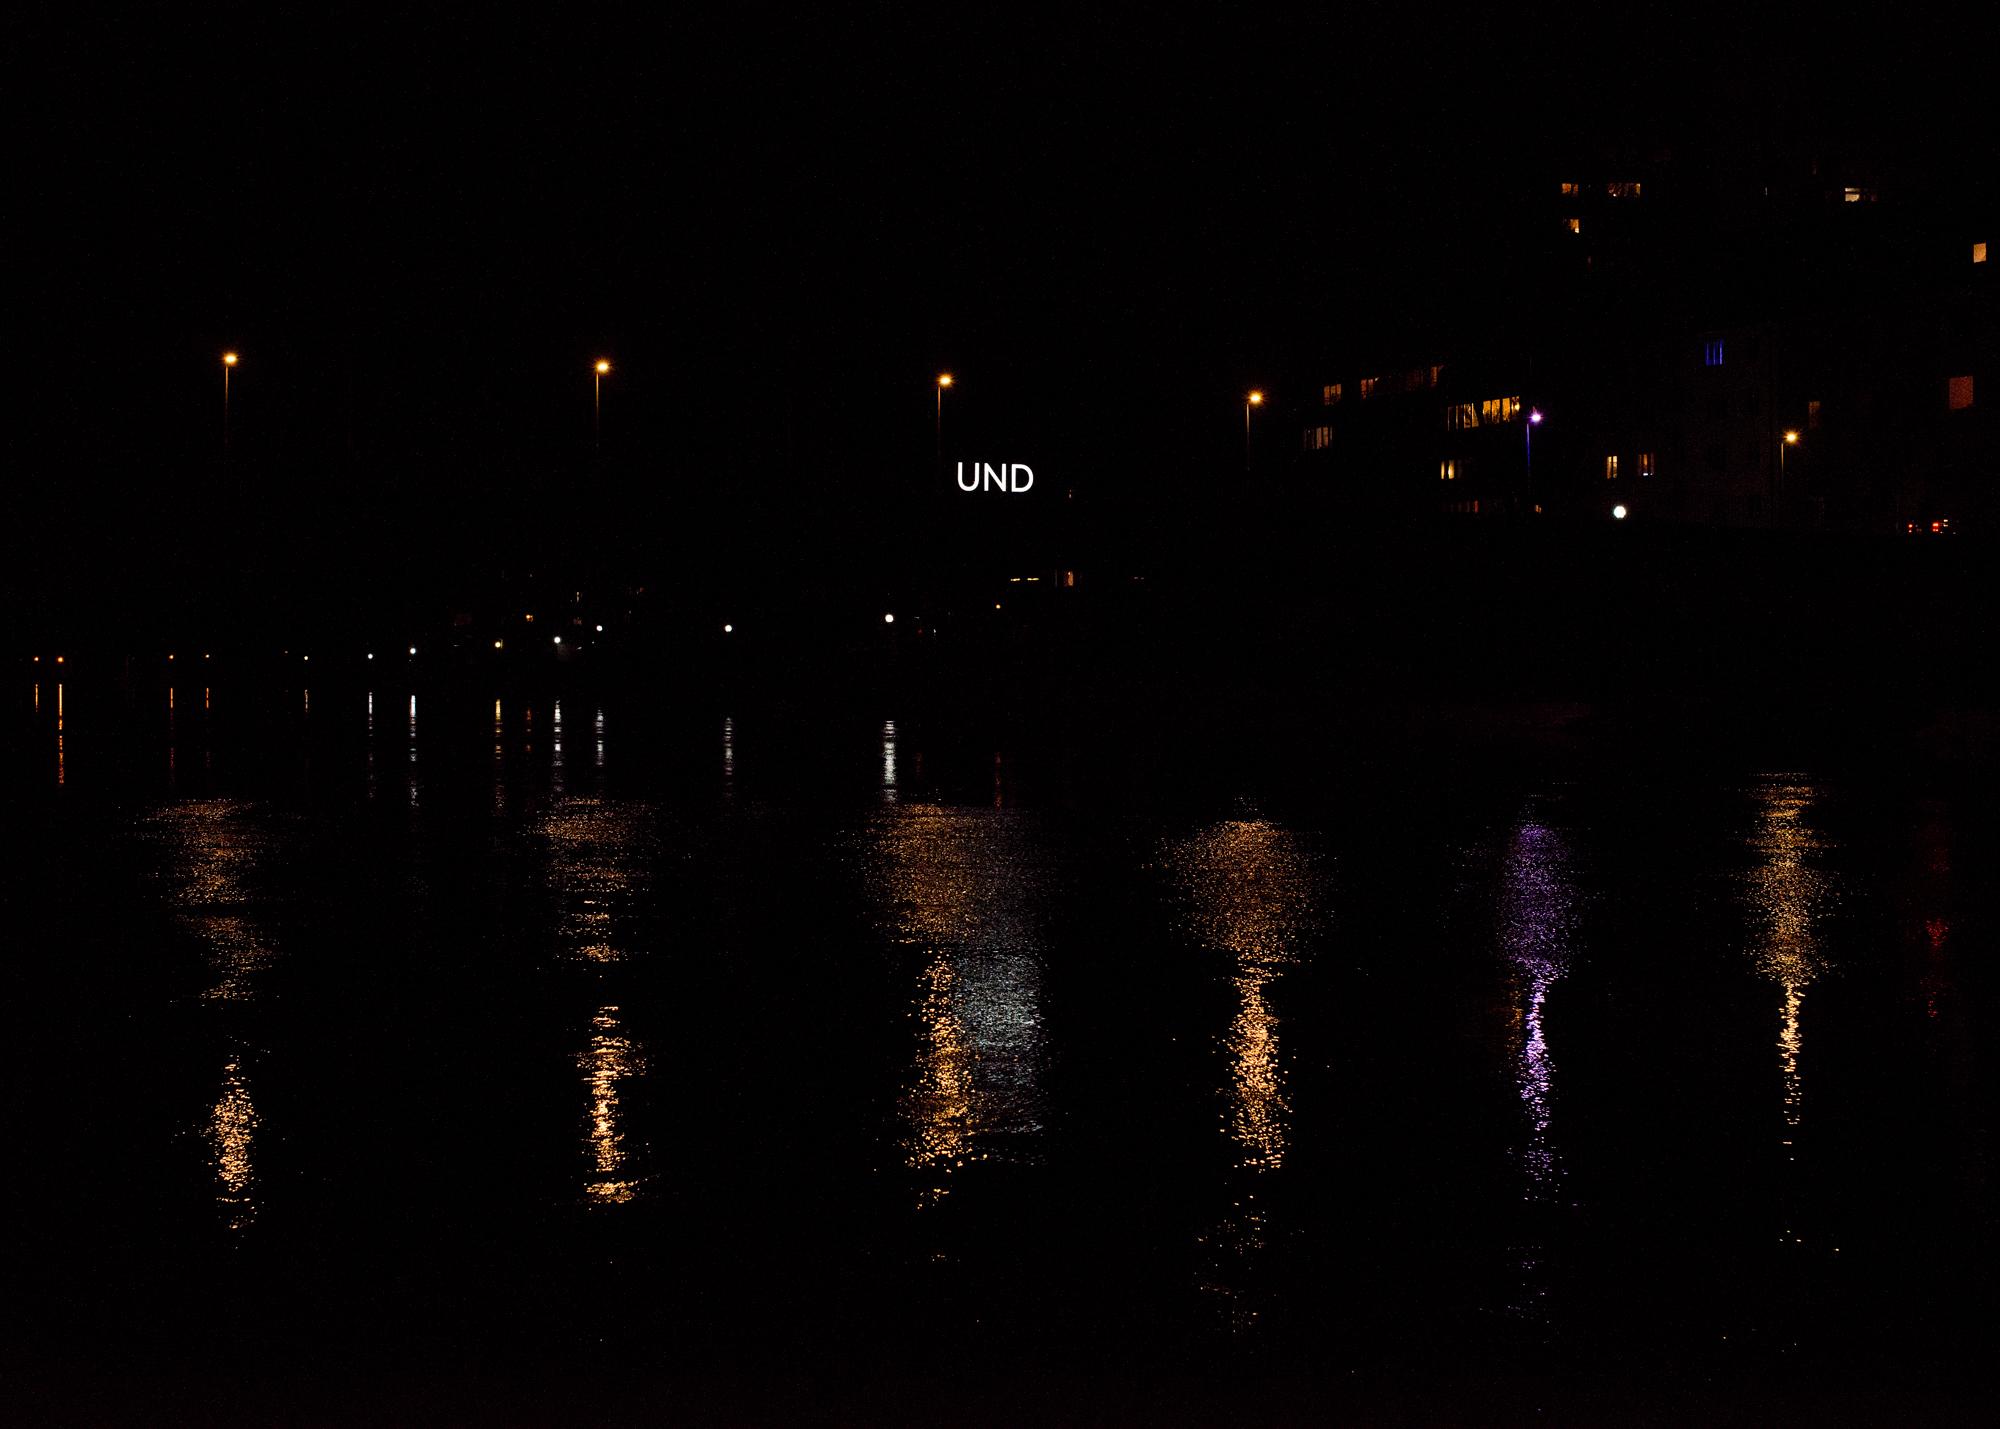 UND_005.jpg